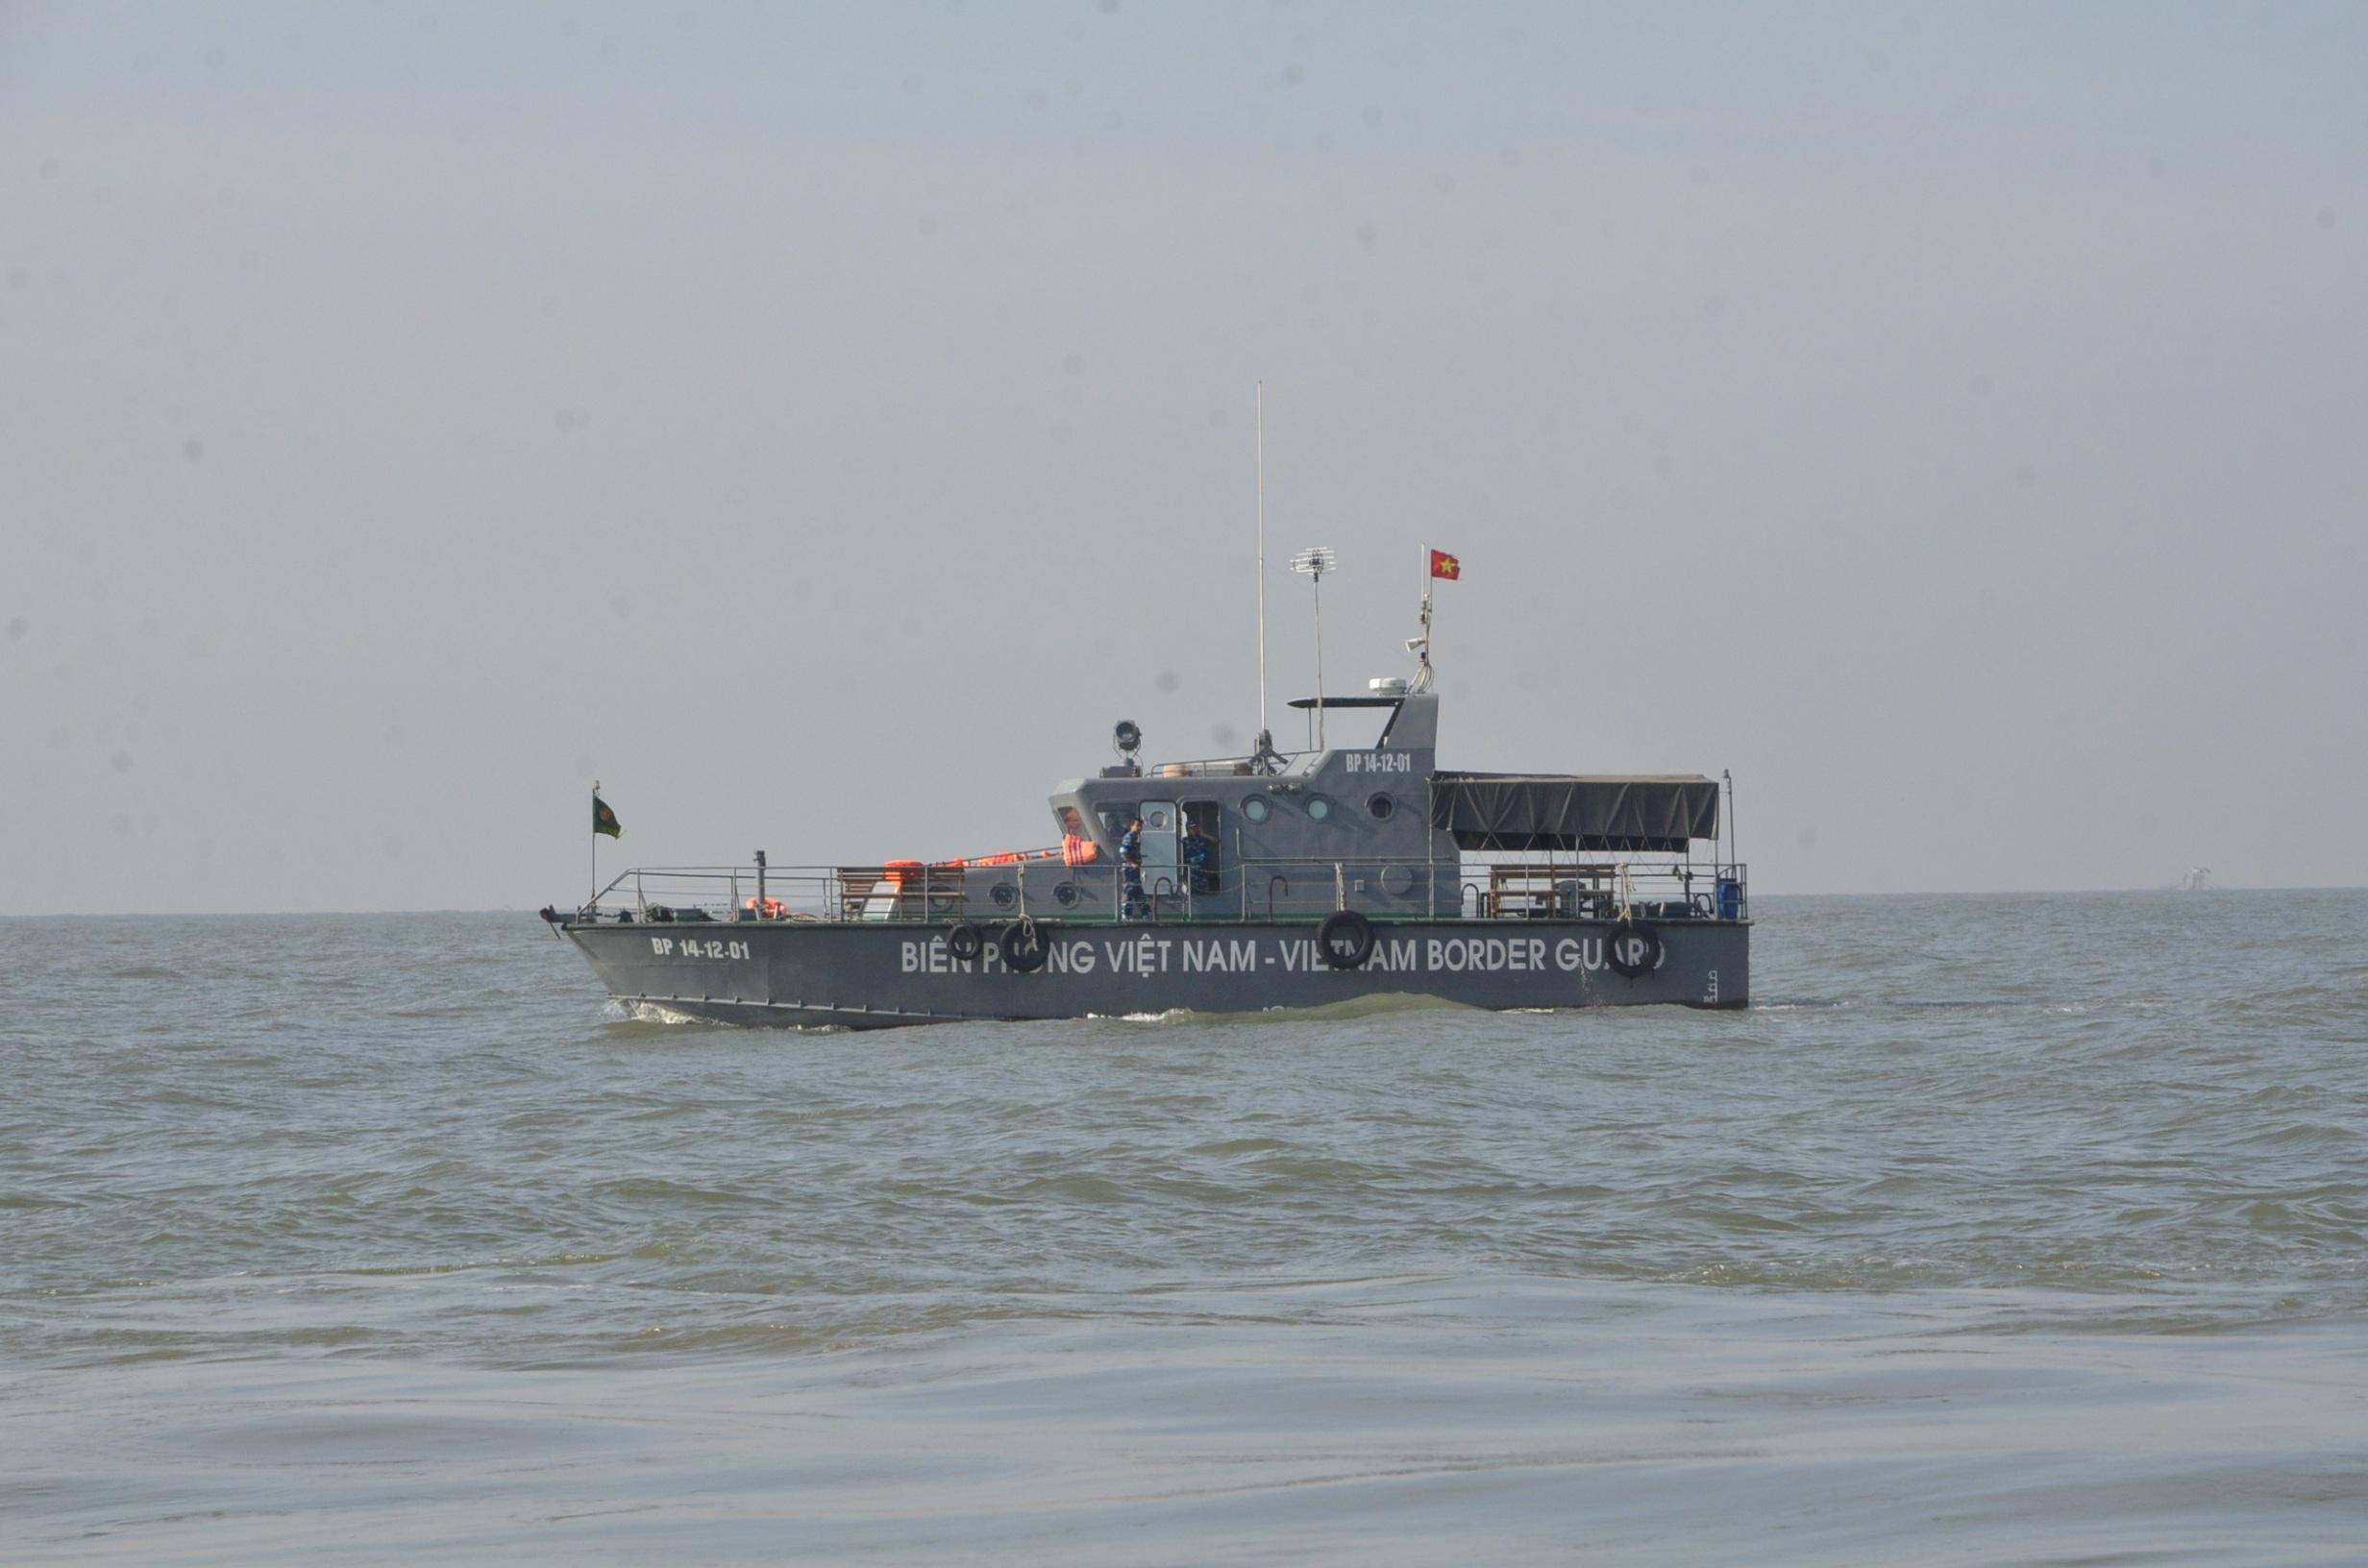 Lực lượng Biên phòng TPHCM tham gia cứu hộ trên biển Cần Giờ